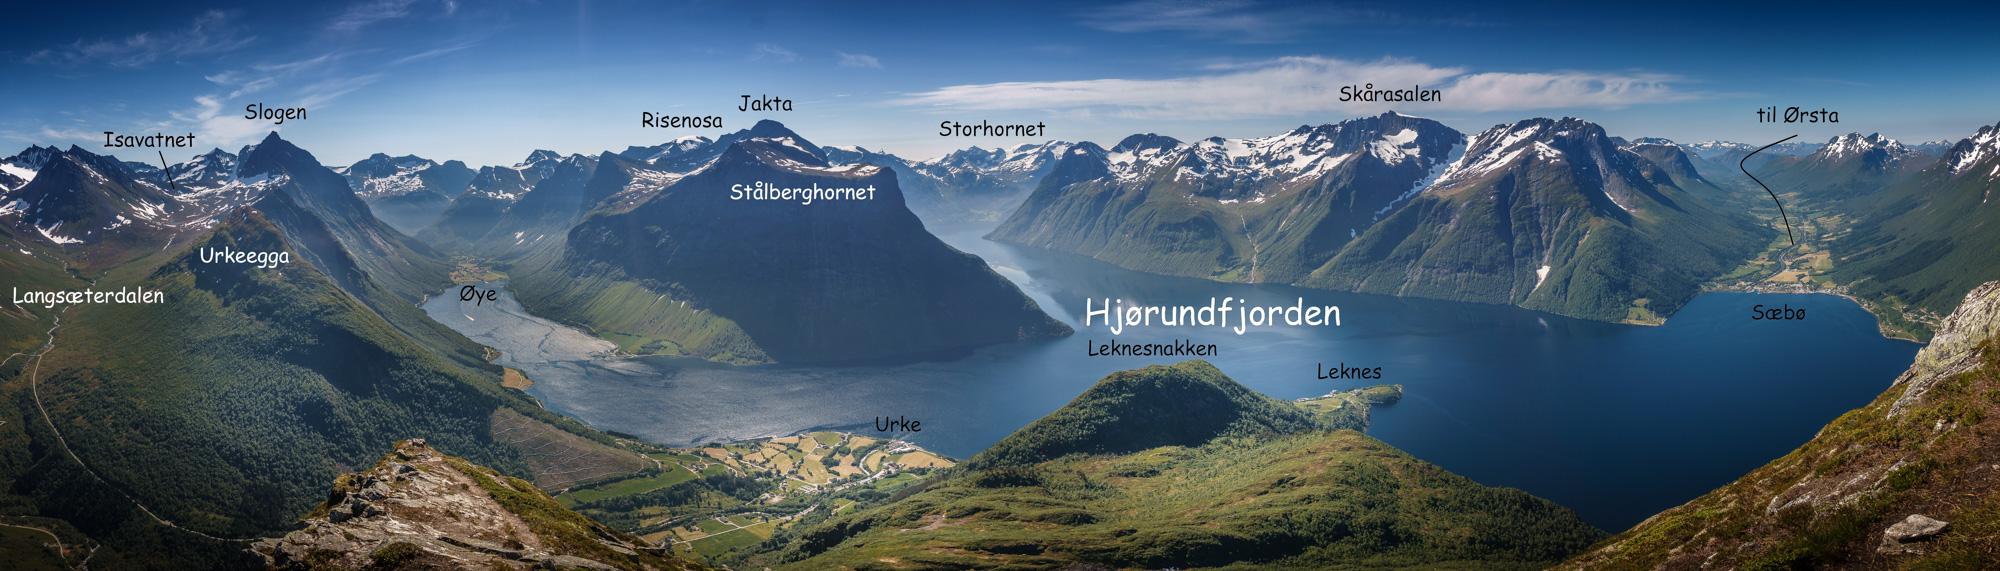 Saksa Panorama komplett